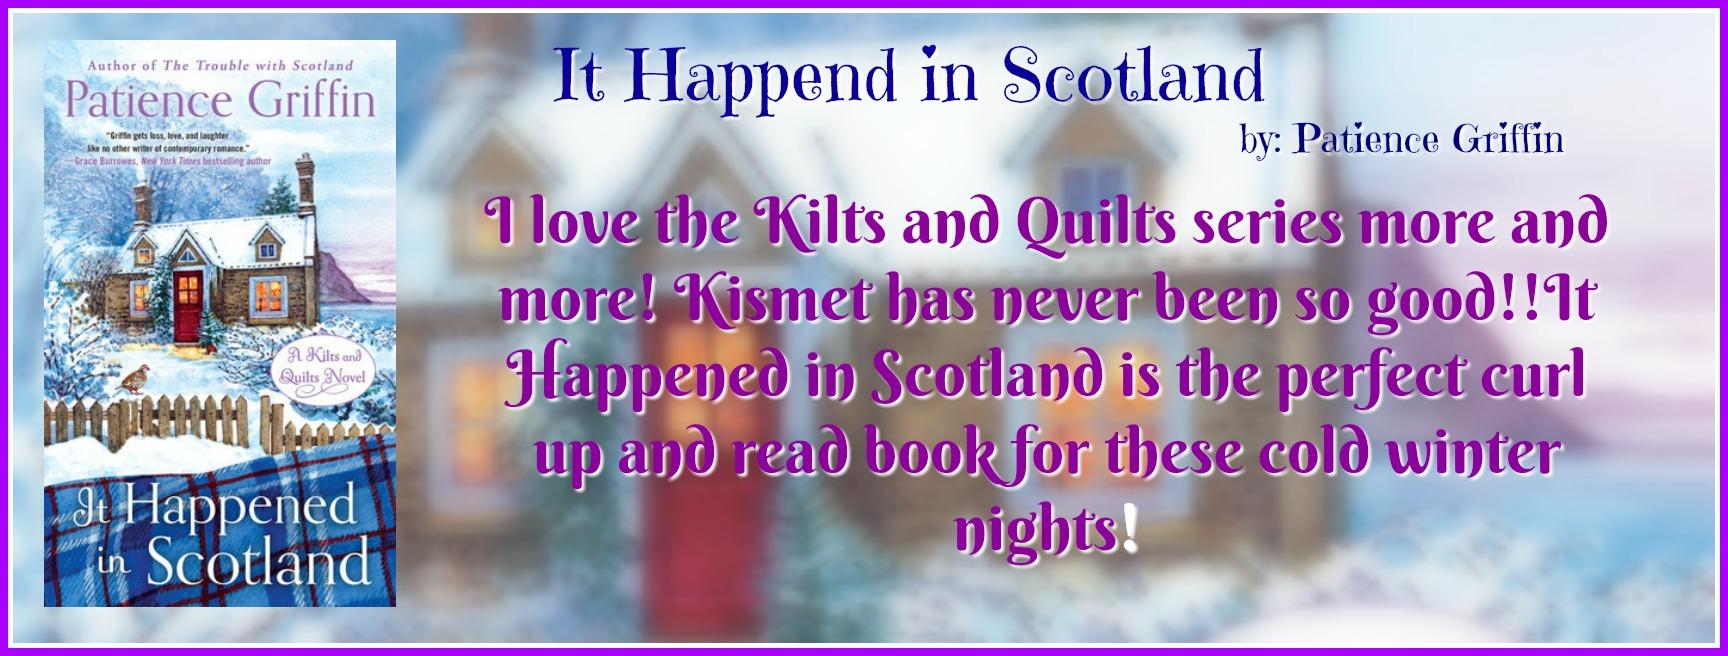 scotlandbanner